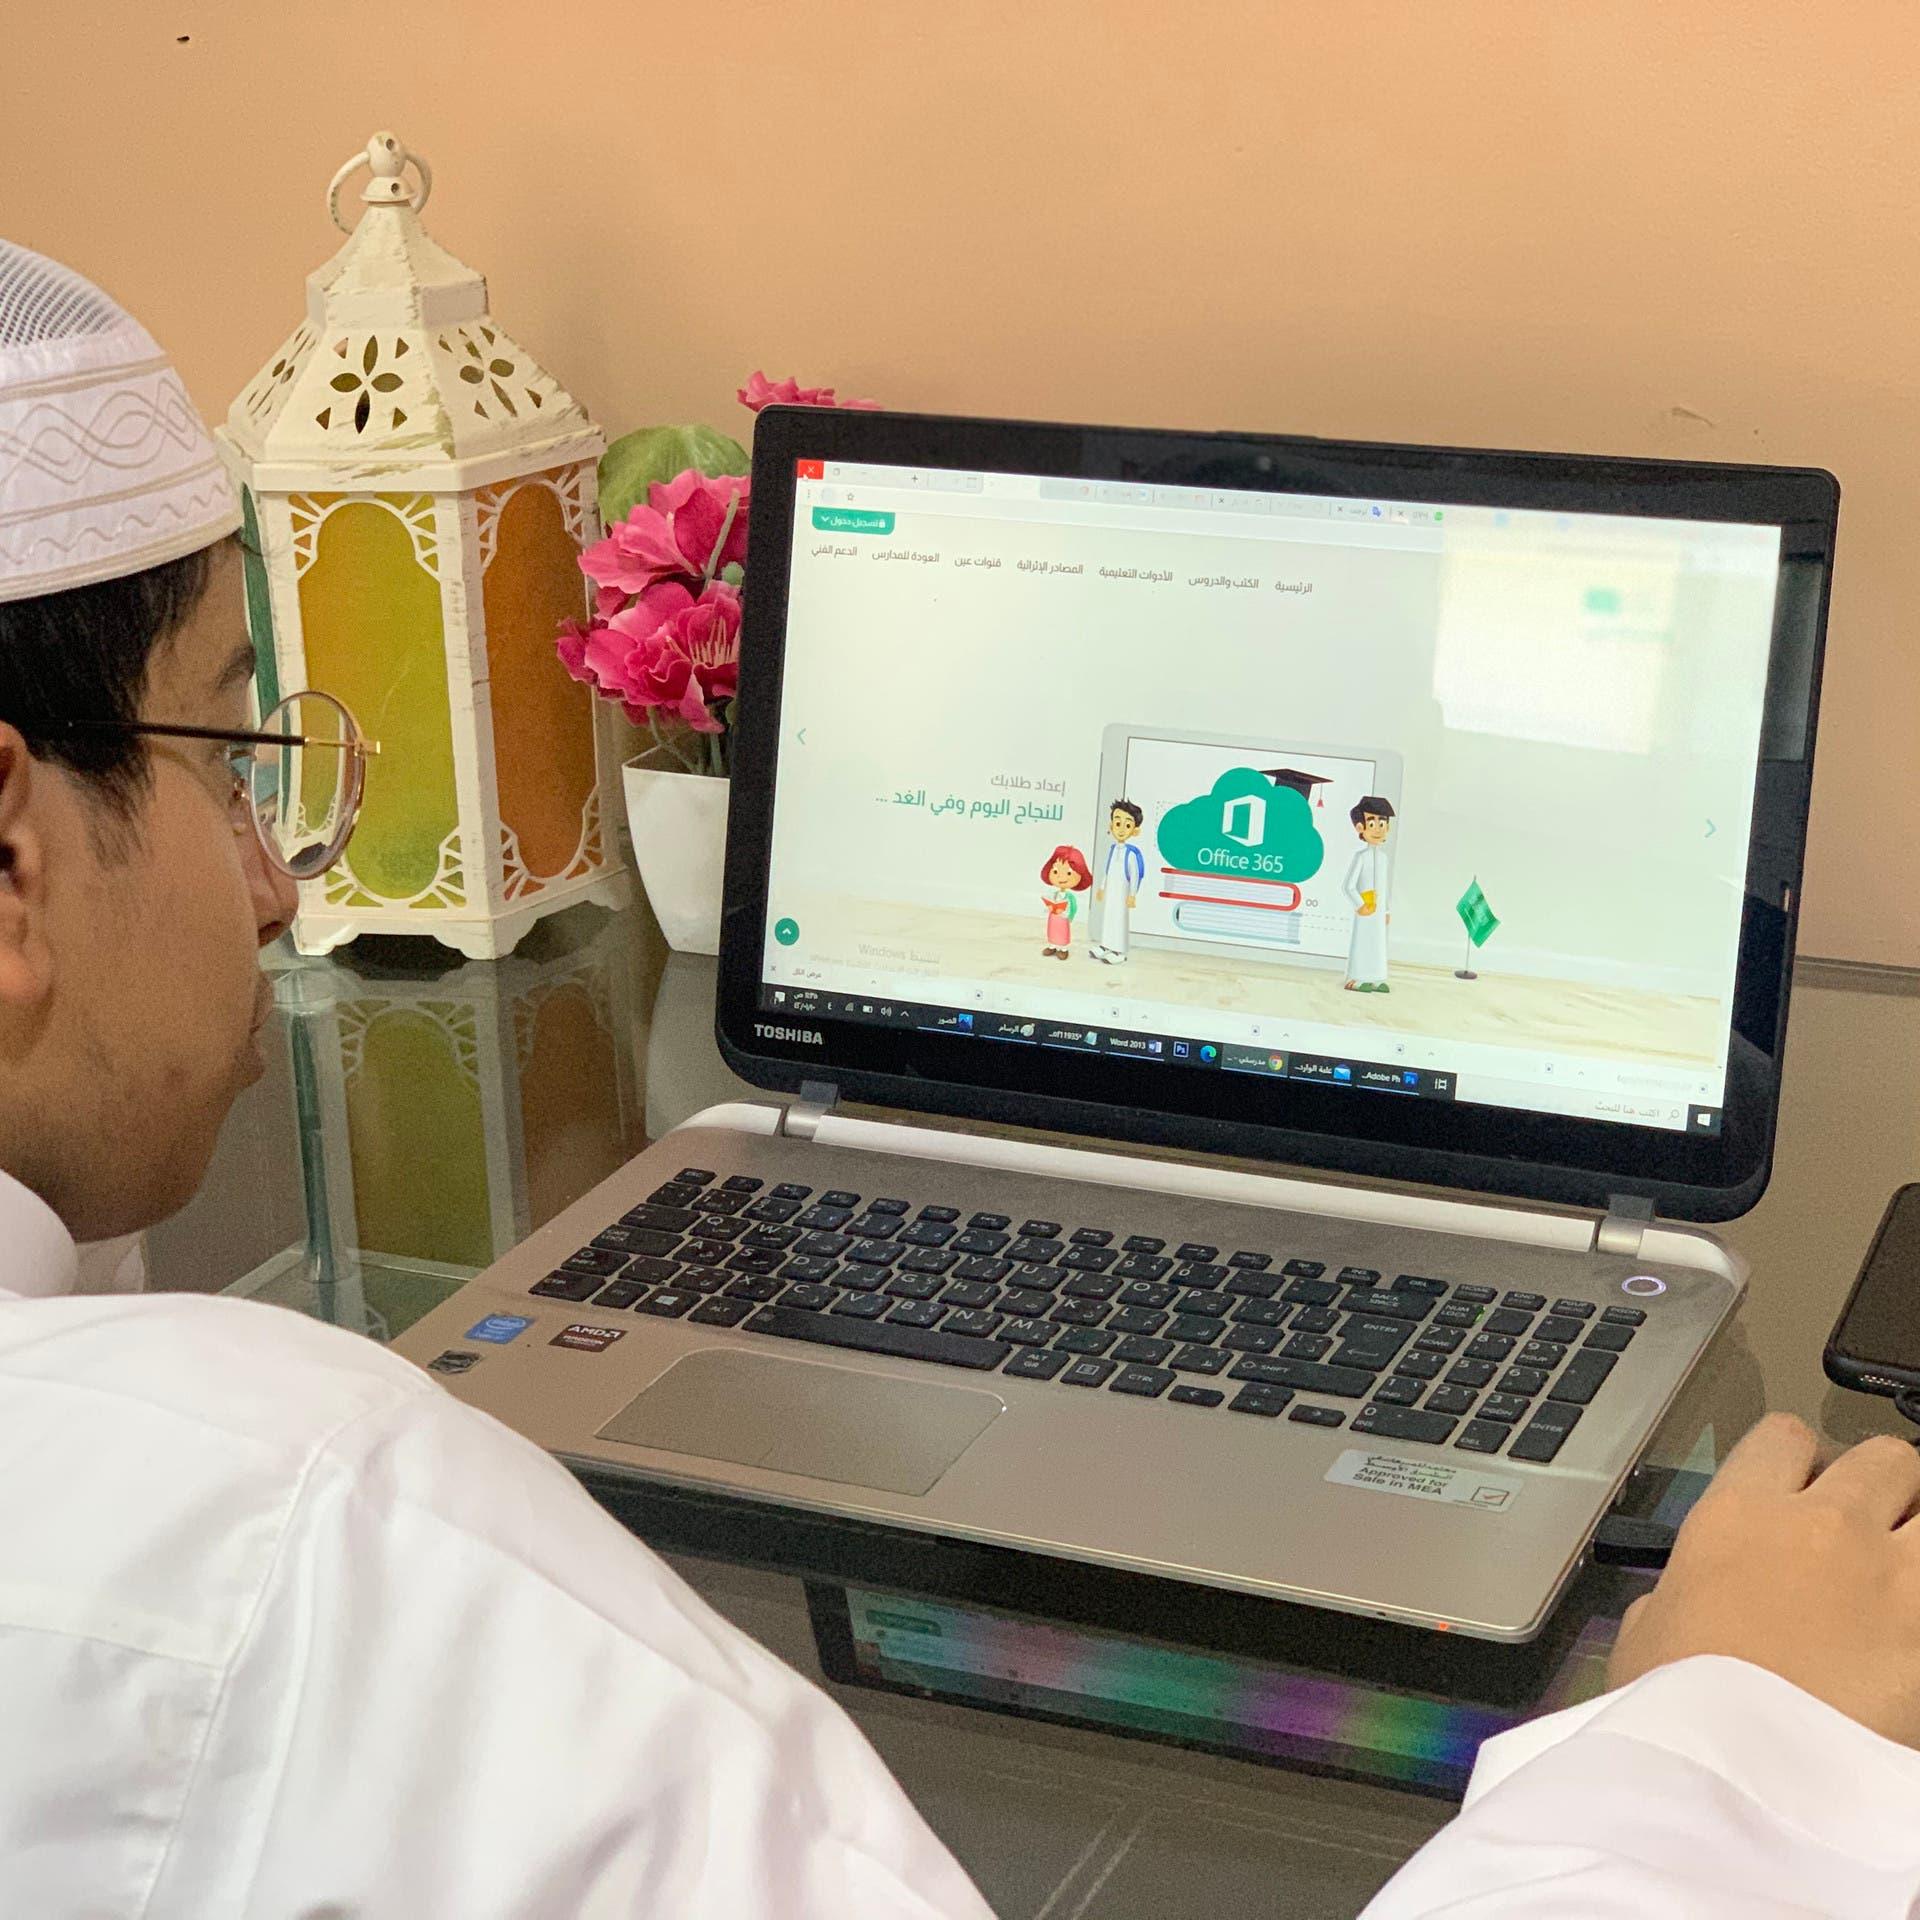 وزير التعليم السعودي: استمرار التعليم عن بعد إلى نهاية الفصل الدراسي